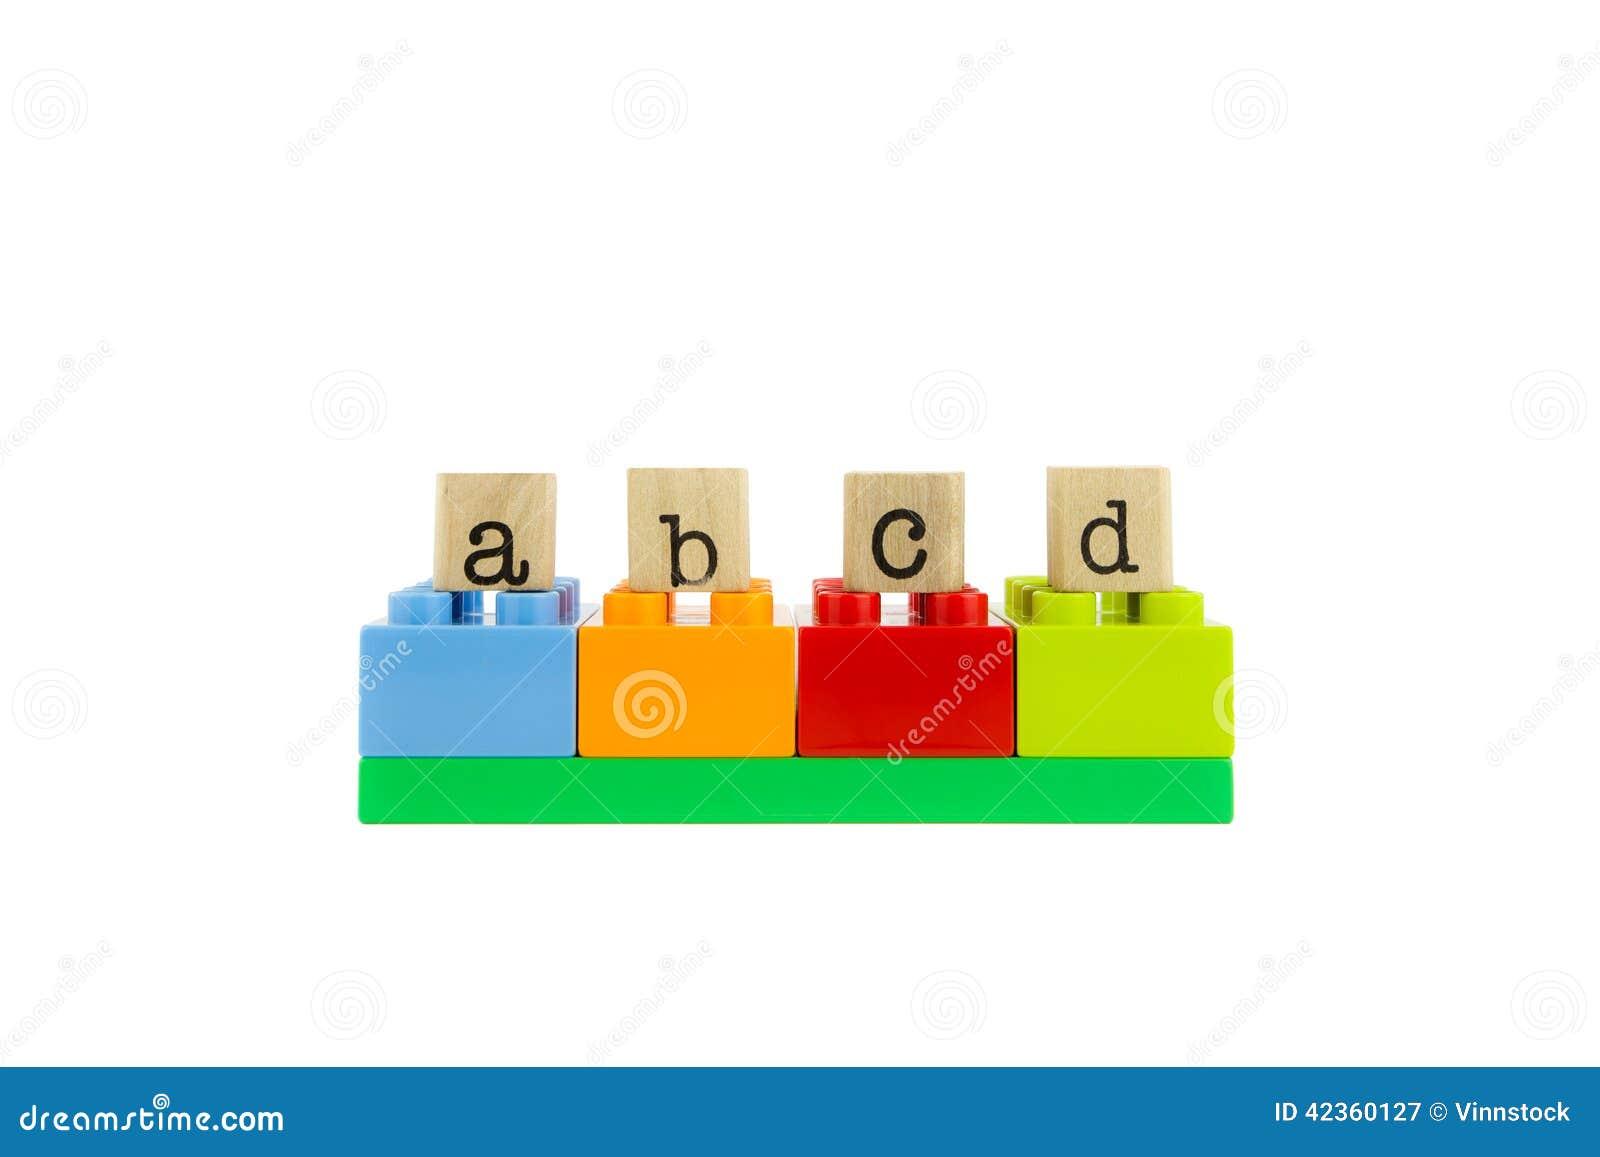 Abcd Juguete Bloques Del De Sellos Y Palabra En Madera Coloridos 3ARjL54